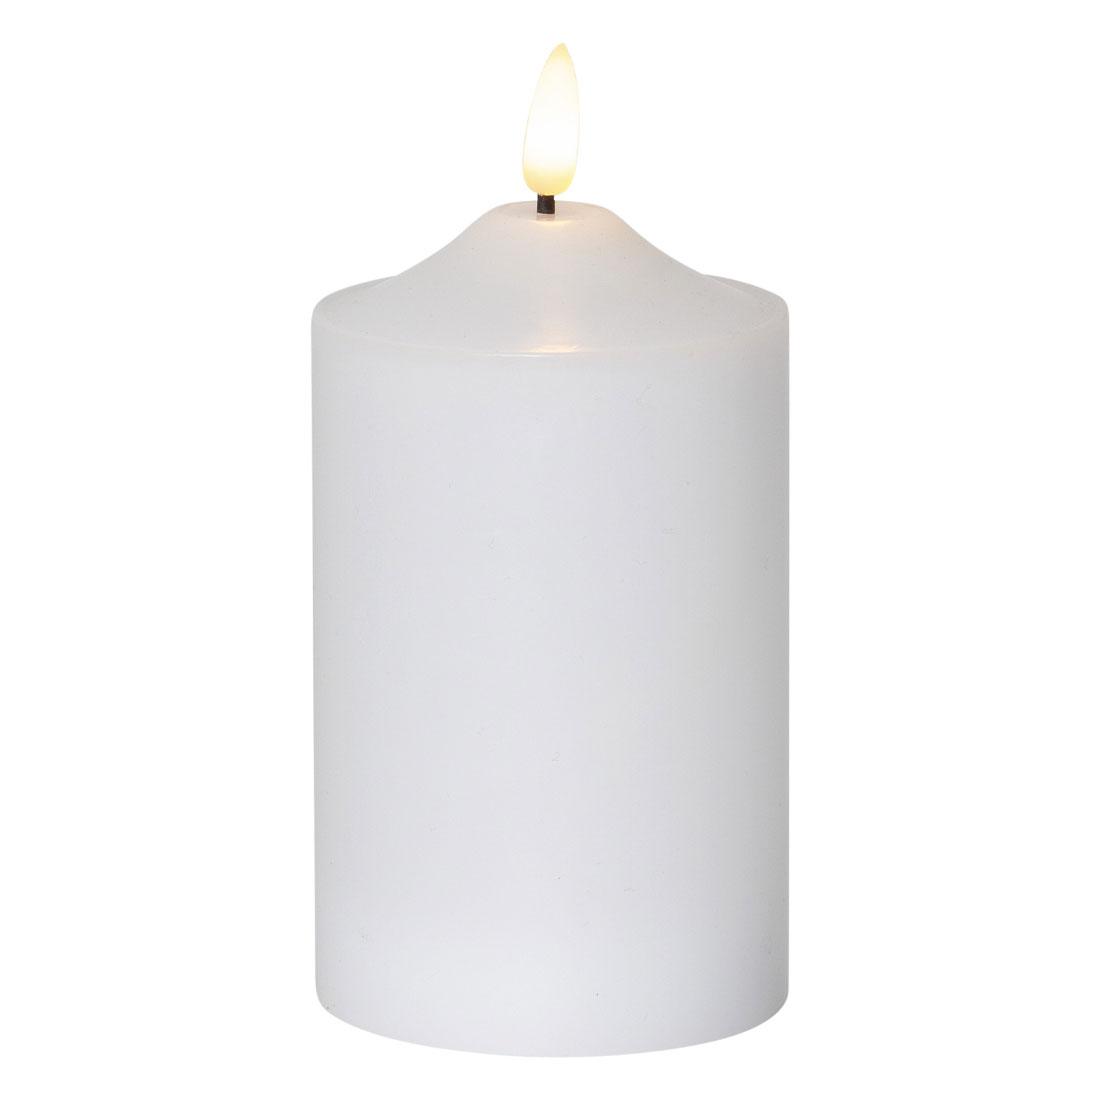 Star Trading LED Block Light Flame 15cm hvit